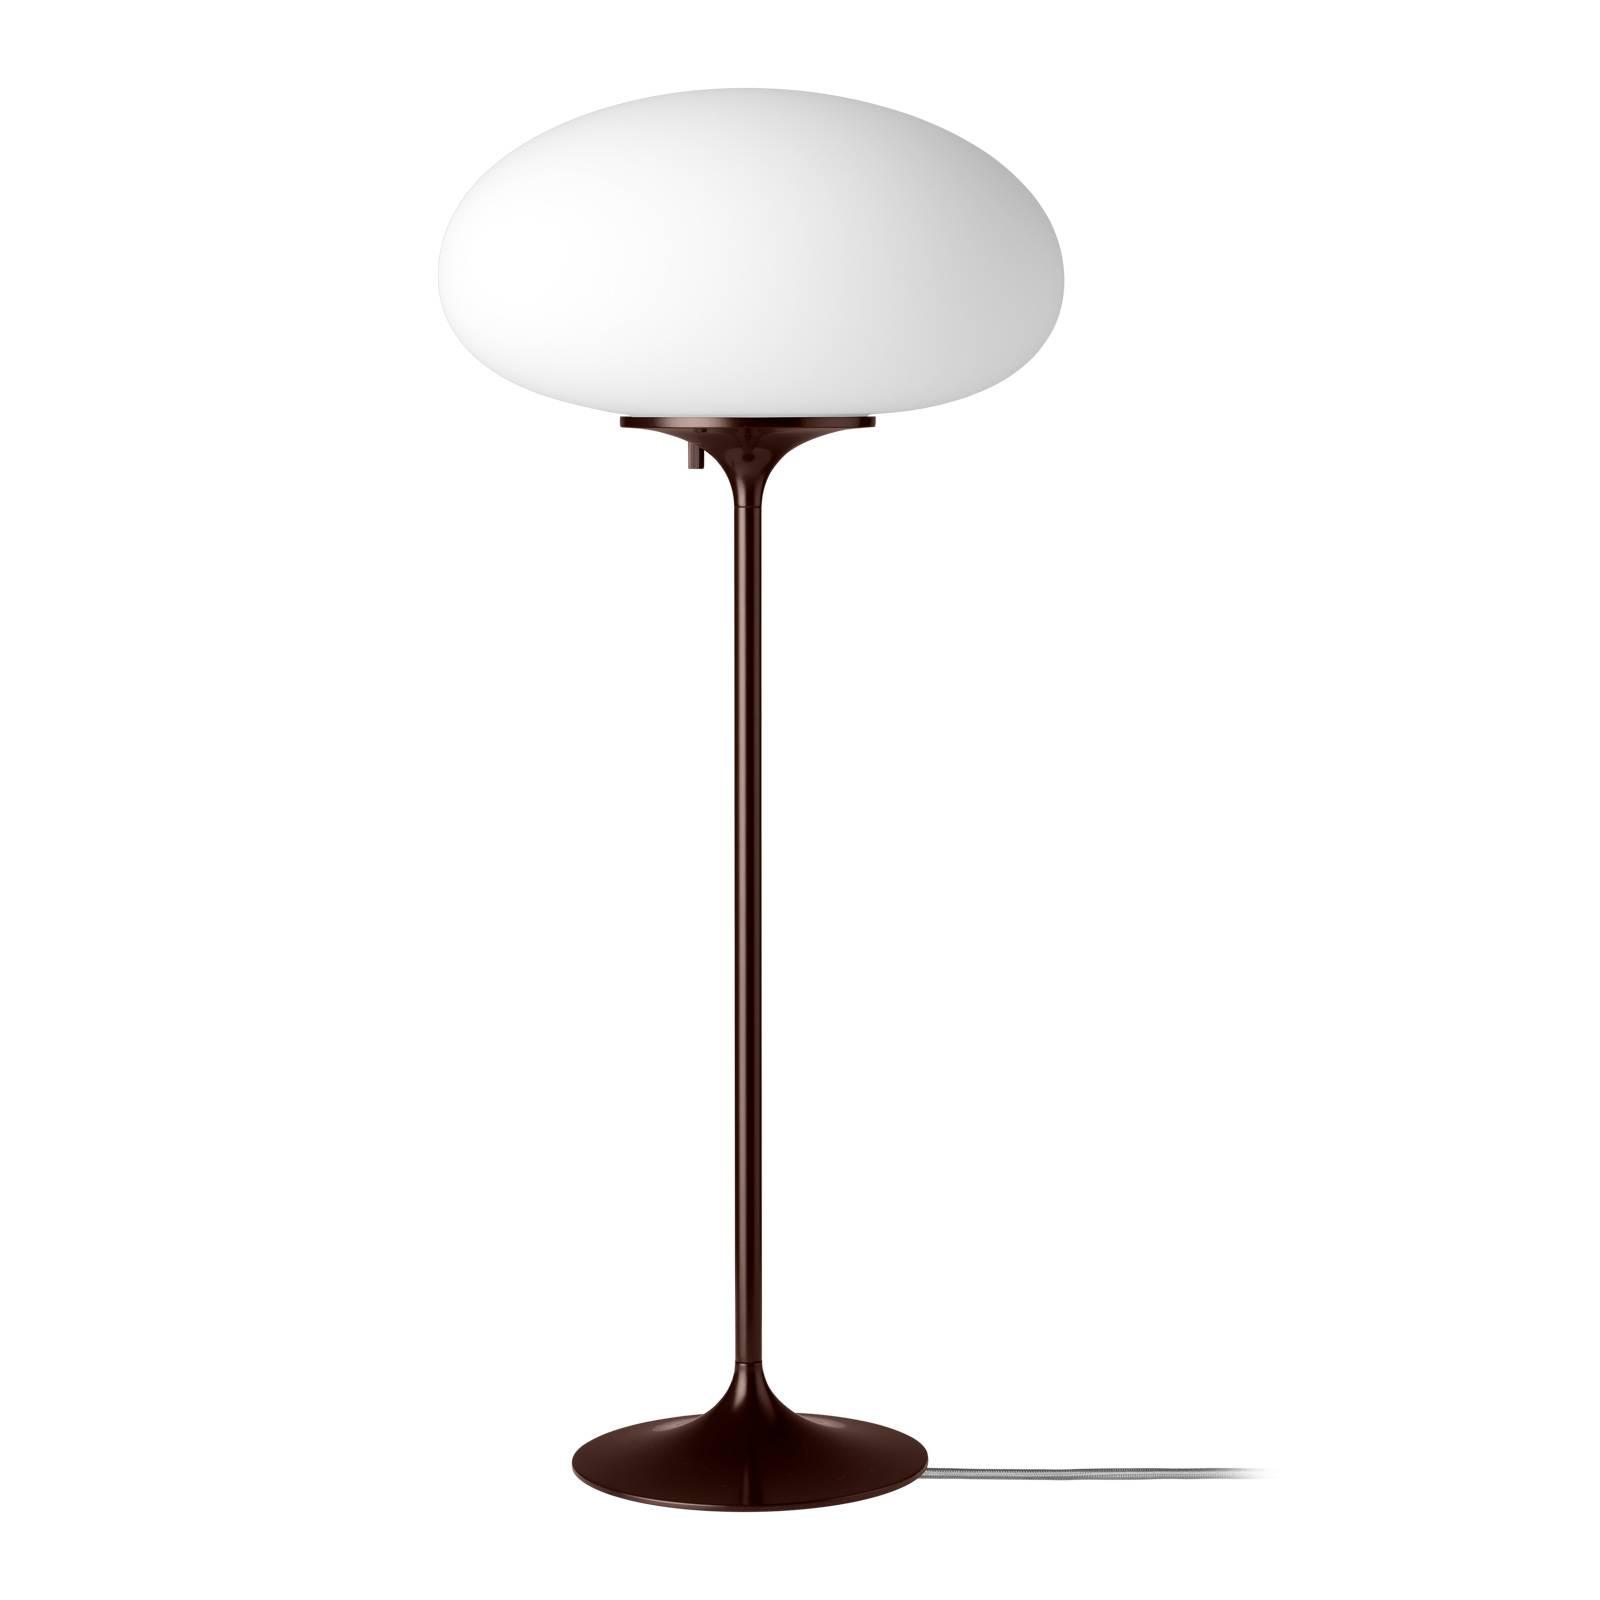 GUBI Stemlite -pöytävalaisin, musta-punainen 70 cm